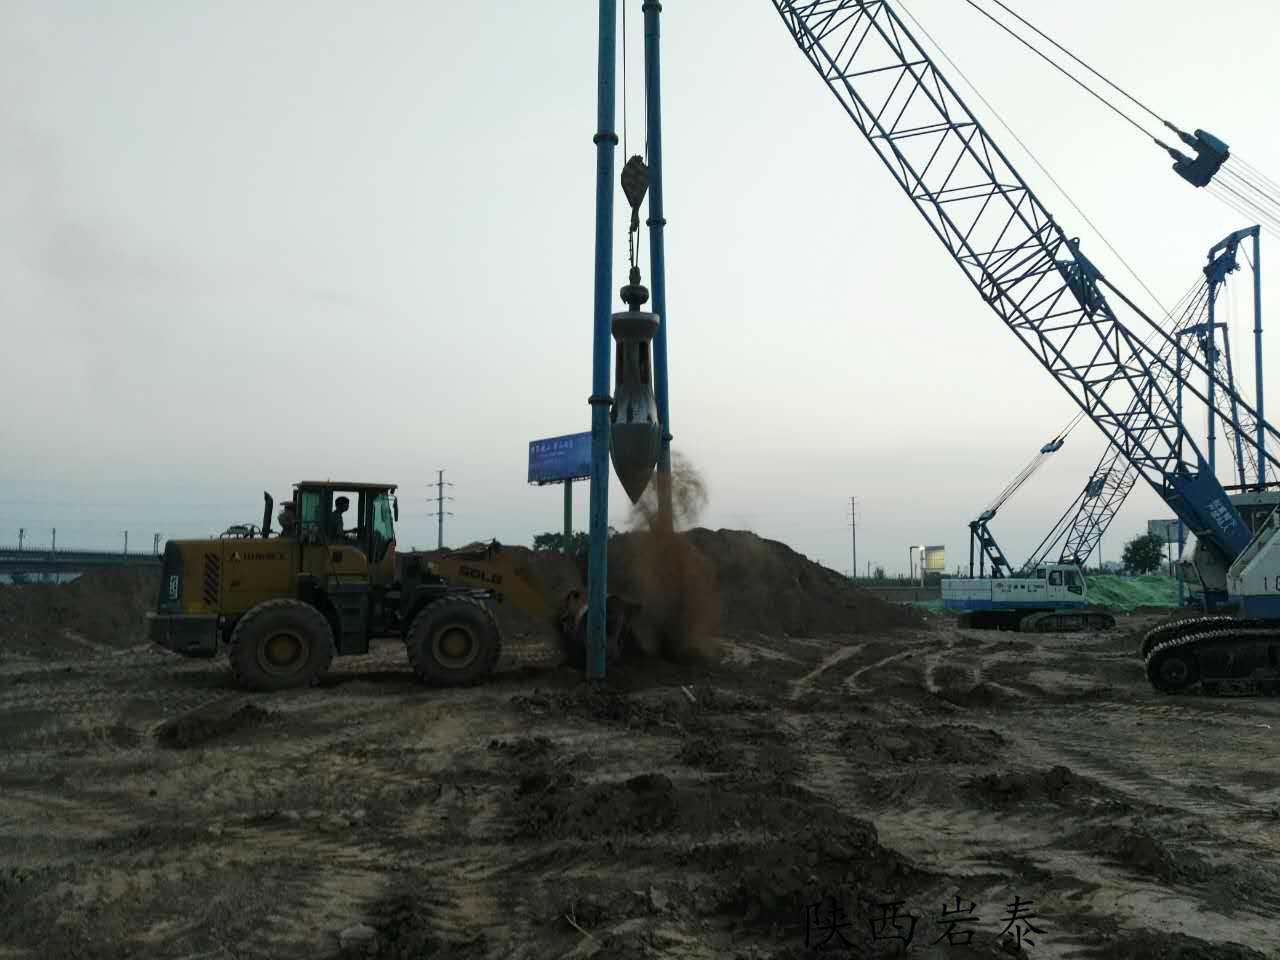 临潼骊祥苑骊山新家园安置区|在建工程-陕西岩泰基础工程有限公司